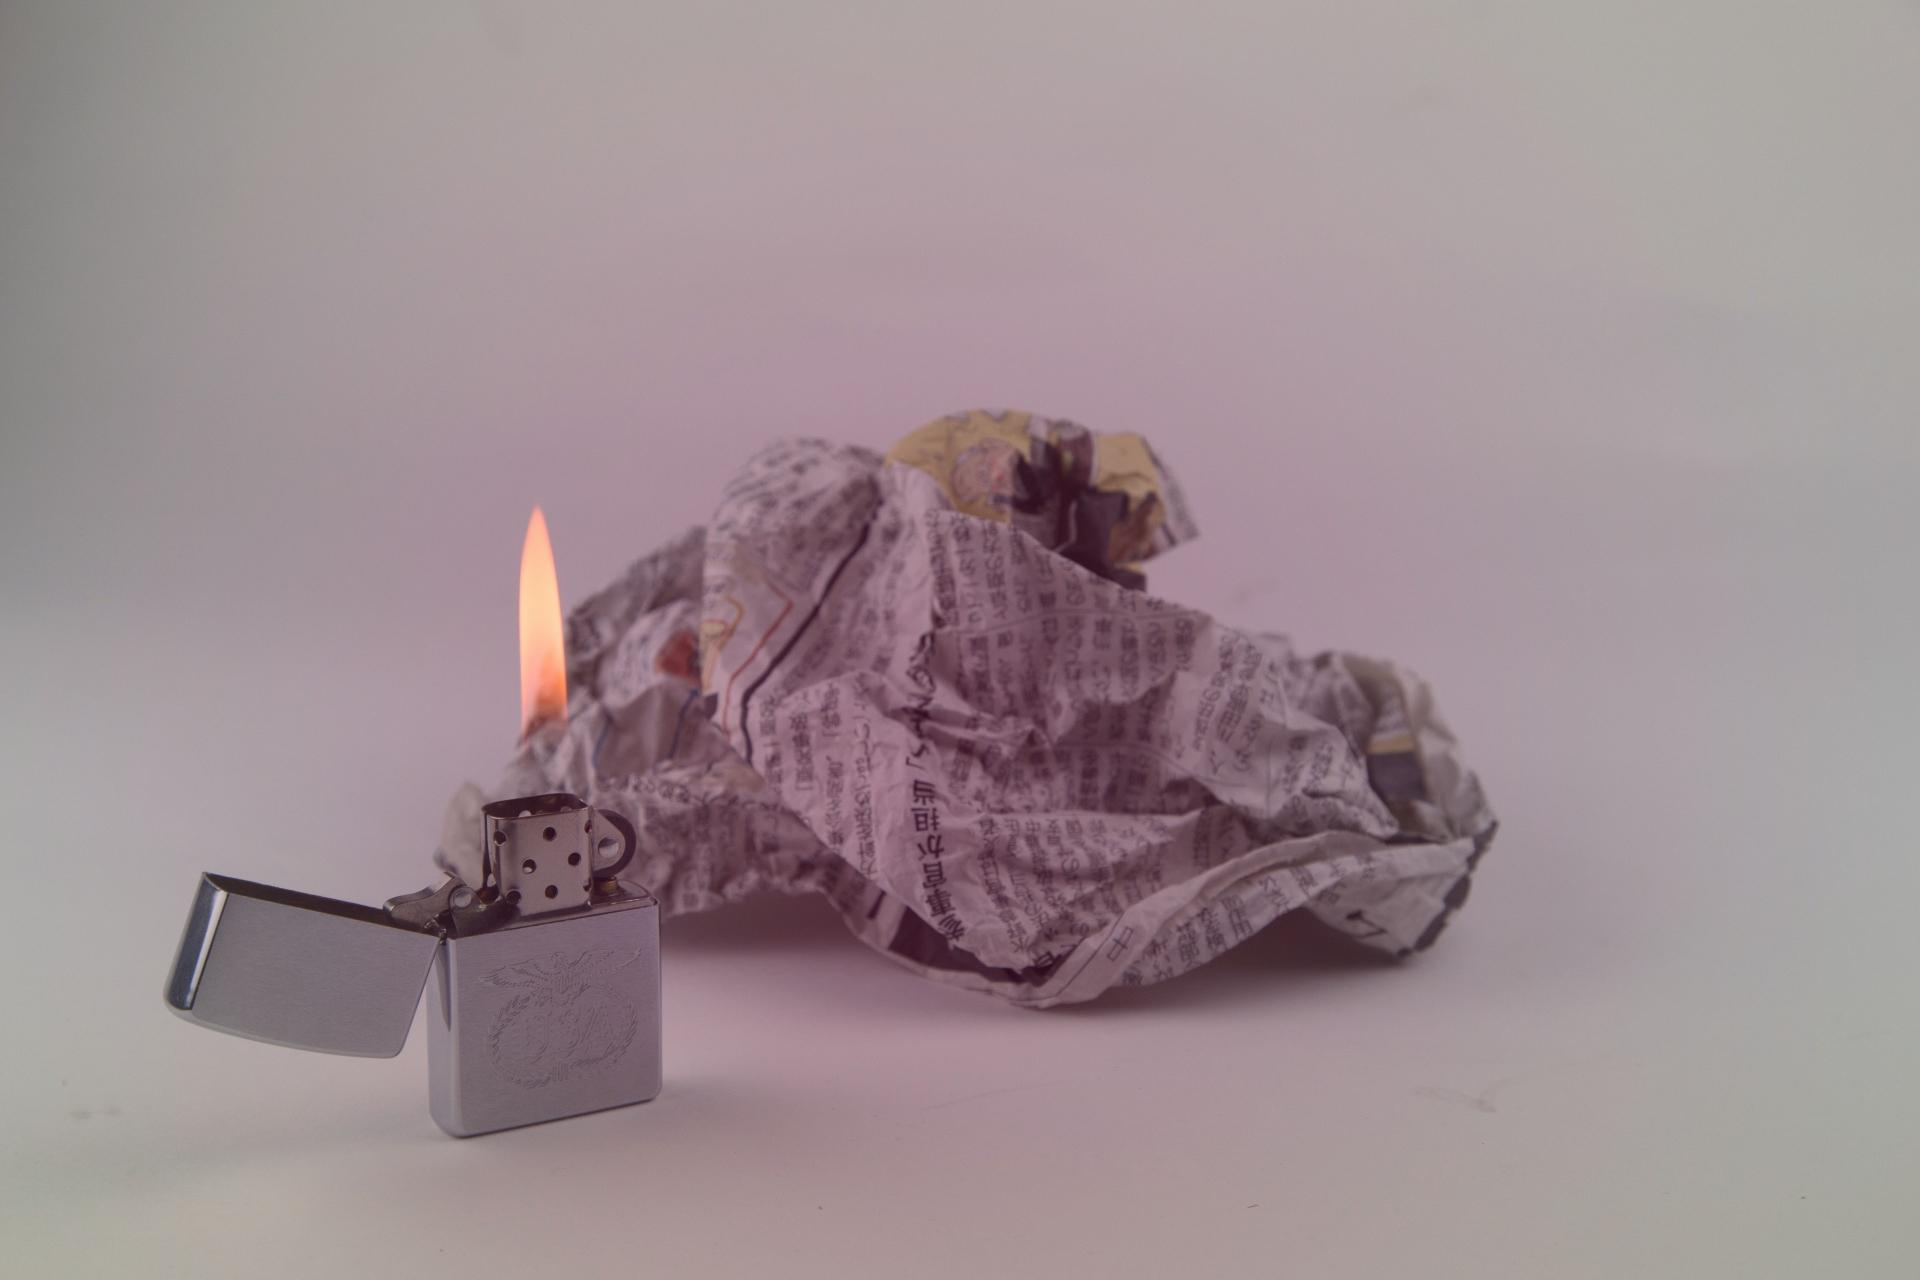 放火されにくいように、可燃物を置かない。死角を作らない。